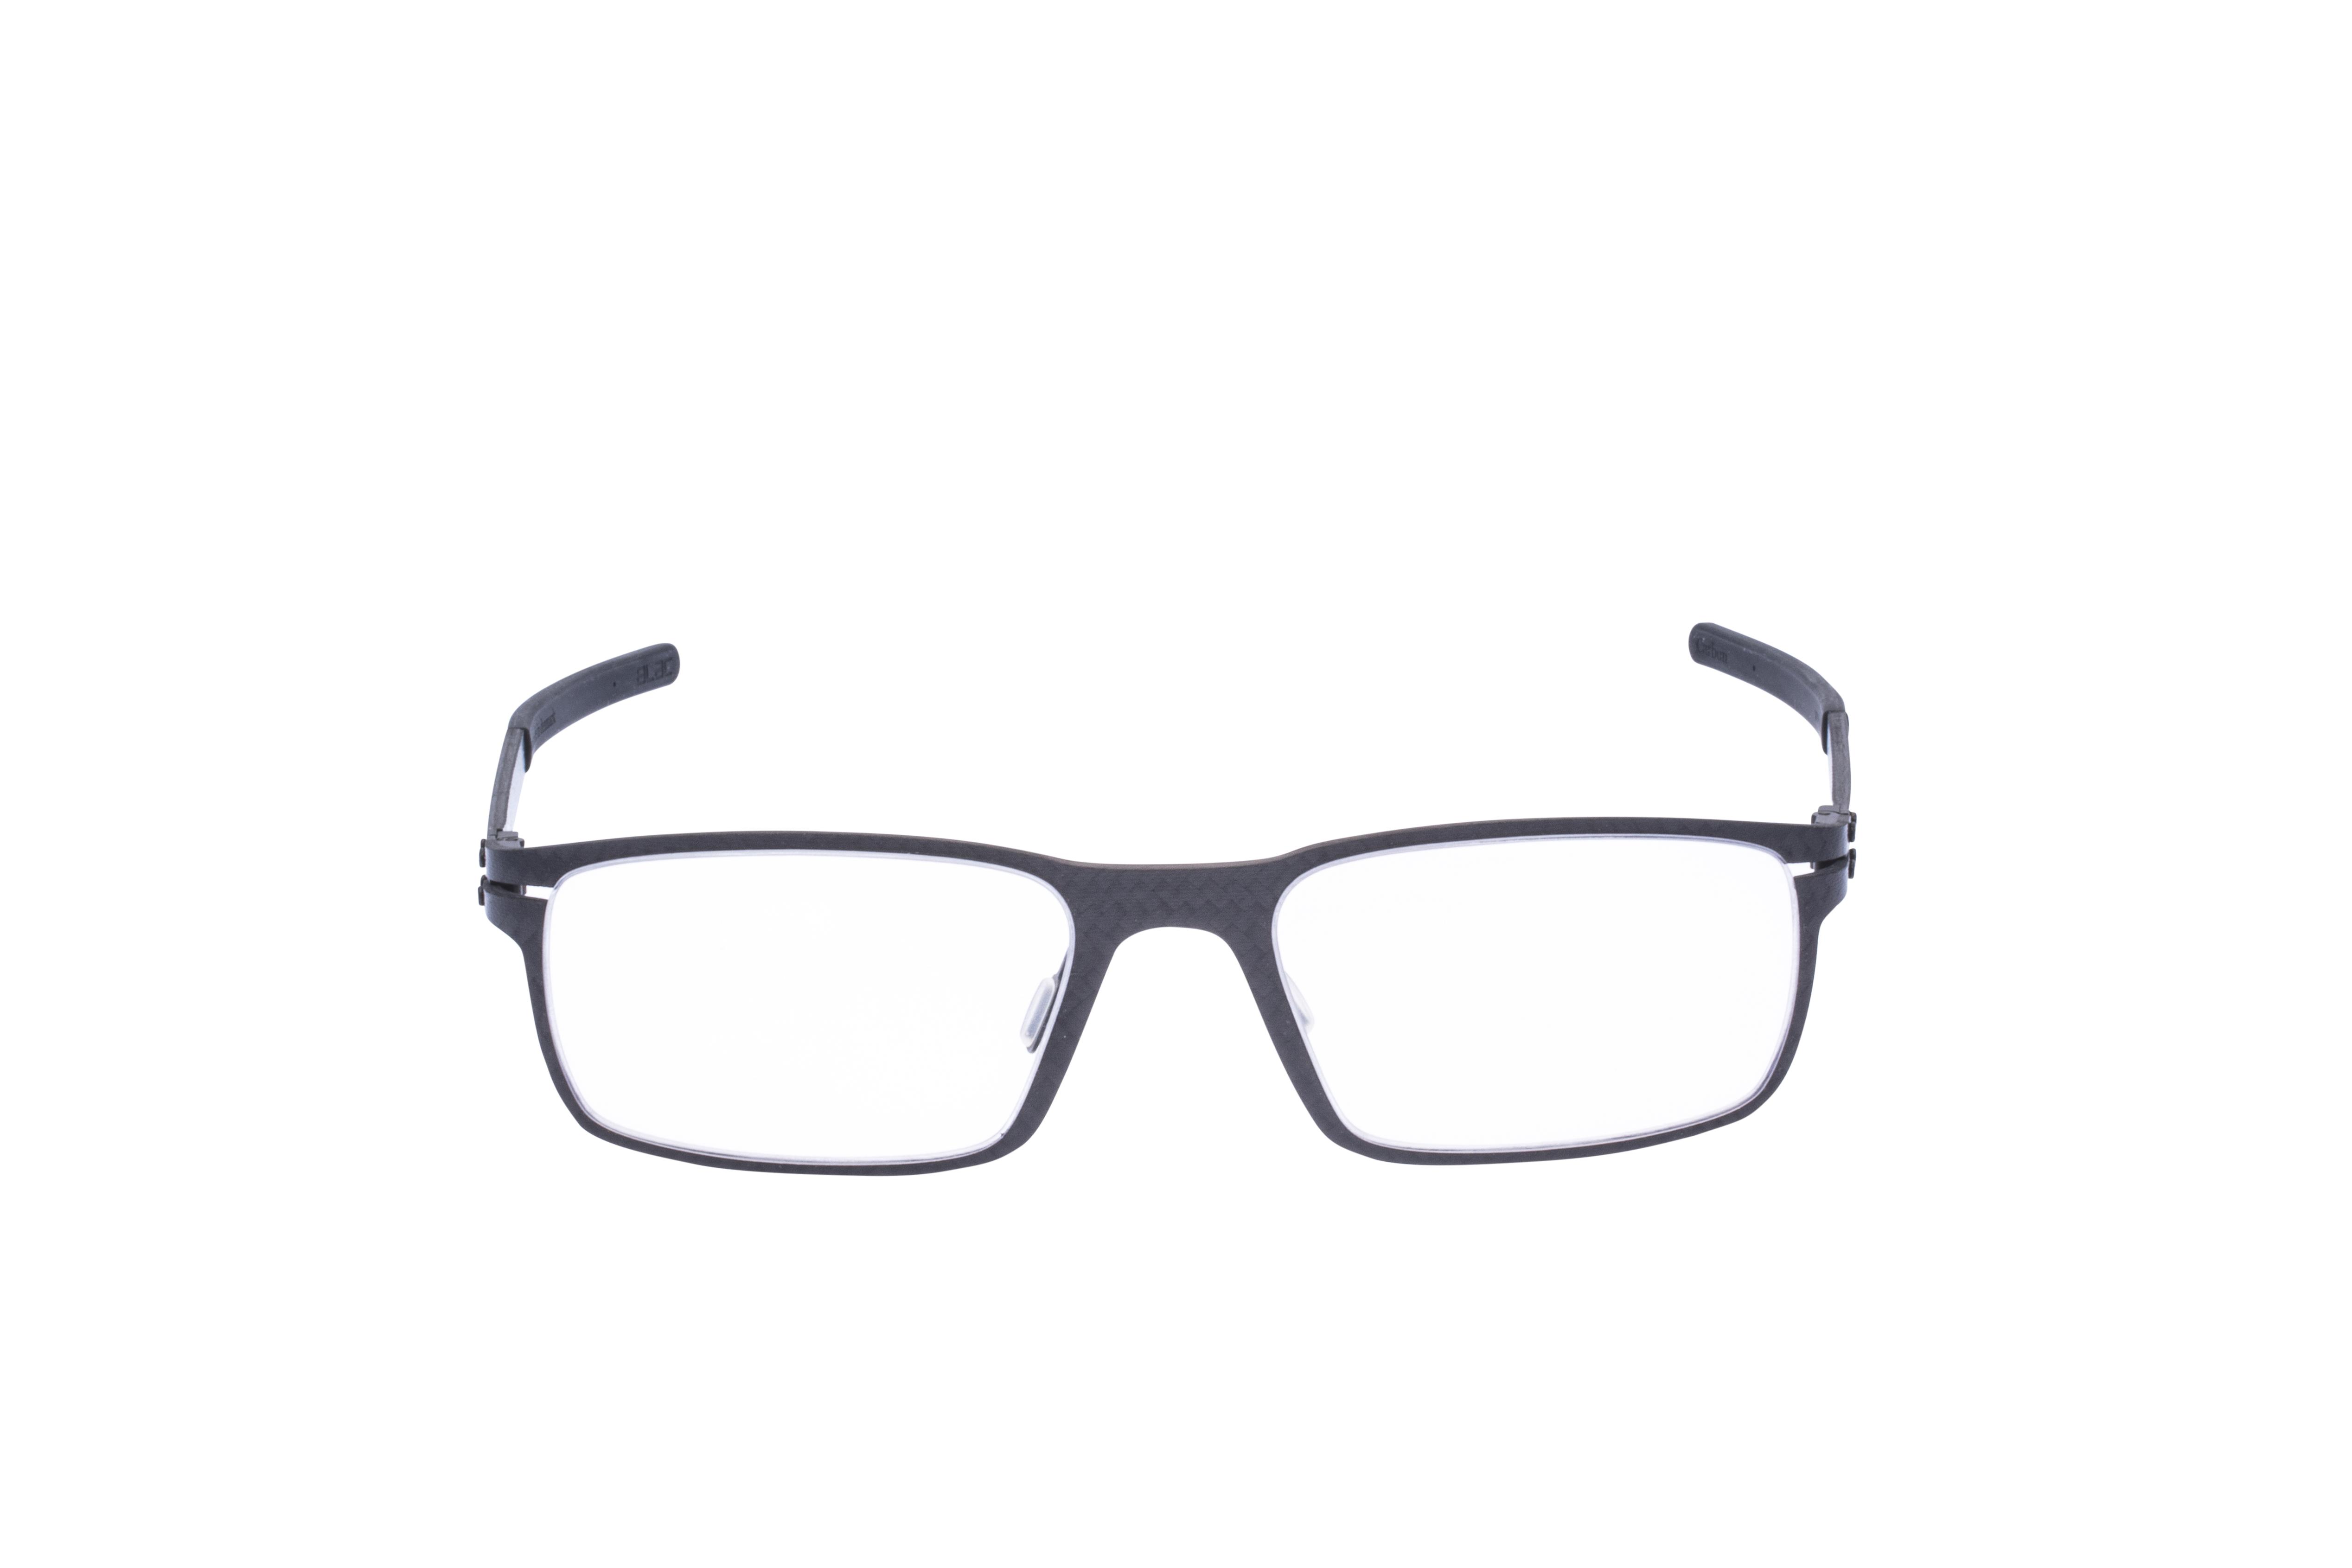 Blac Dunes Frontansicht, Brille auf Weiß